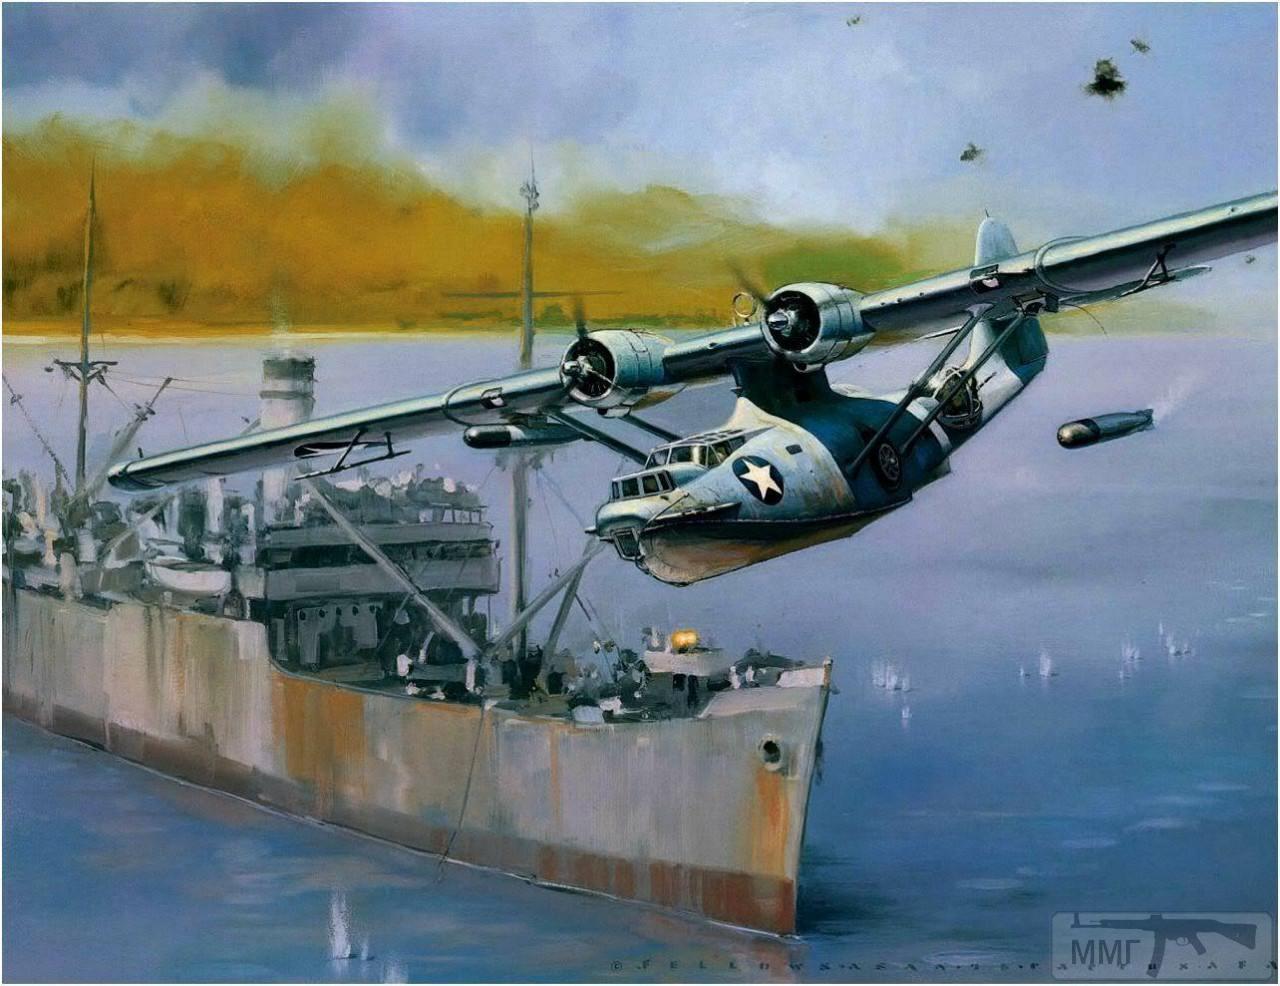 87793 - Художественные картины на авиационную тематику